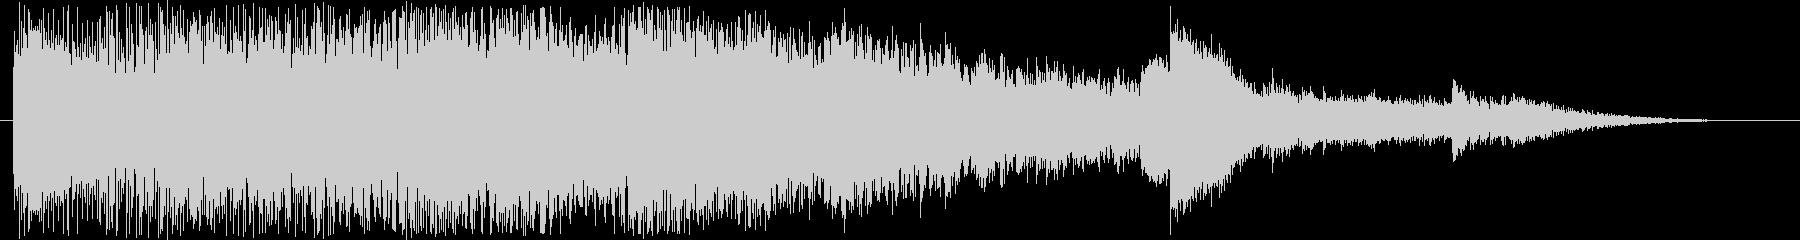 ジングル1 / ピアノ / サウンドロゴの未再生の波形